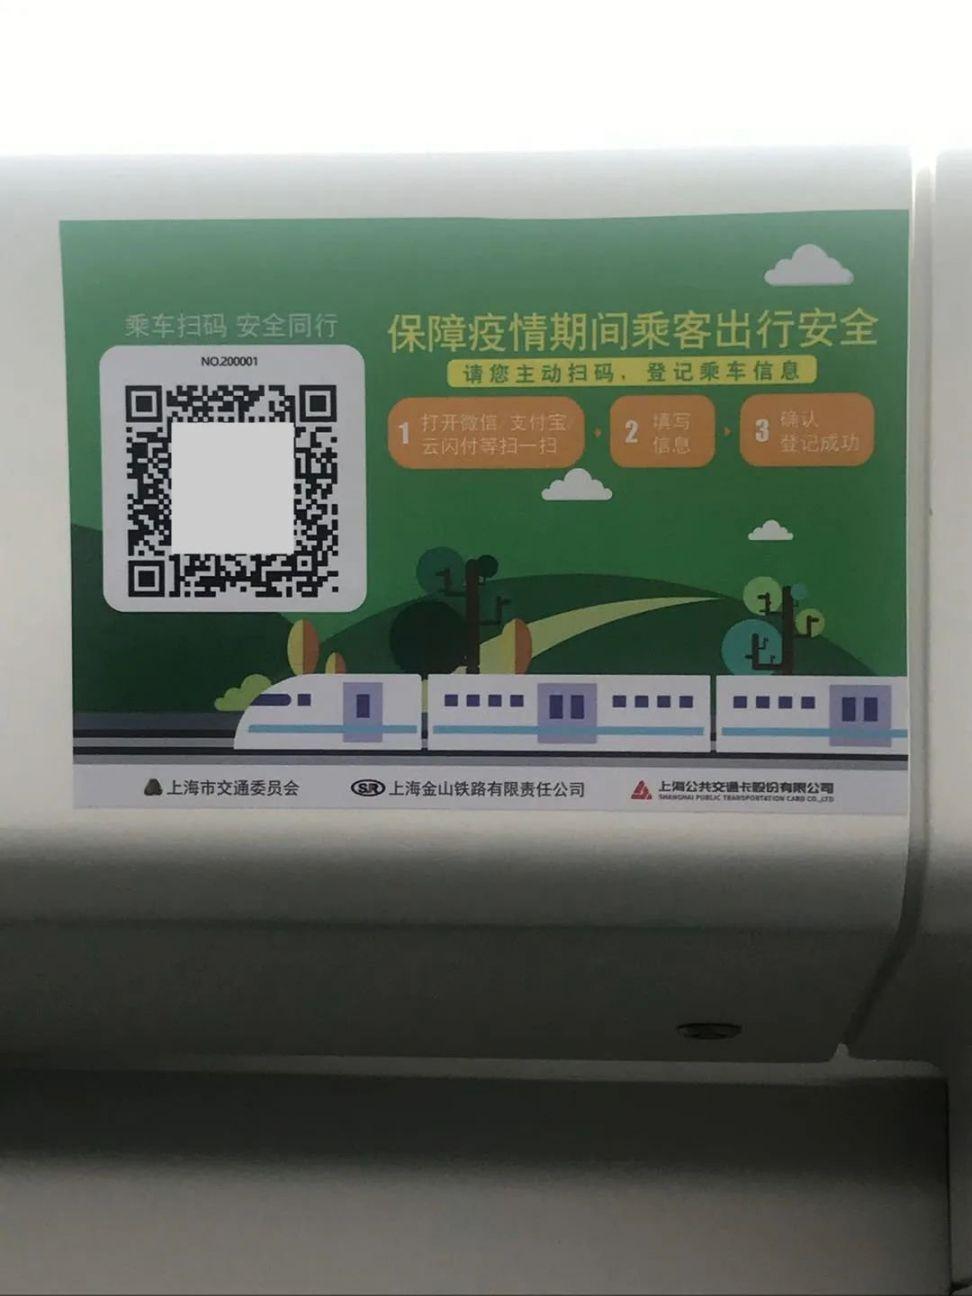 3月4日(ri)起 上海金山(shan)鐵路可掃(sao)描防疫(yi)登記(ji)二維(wei)碼